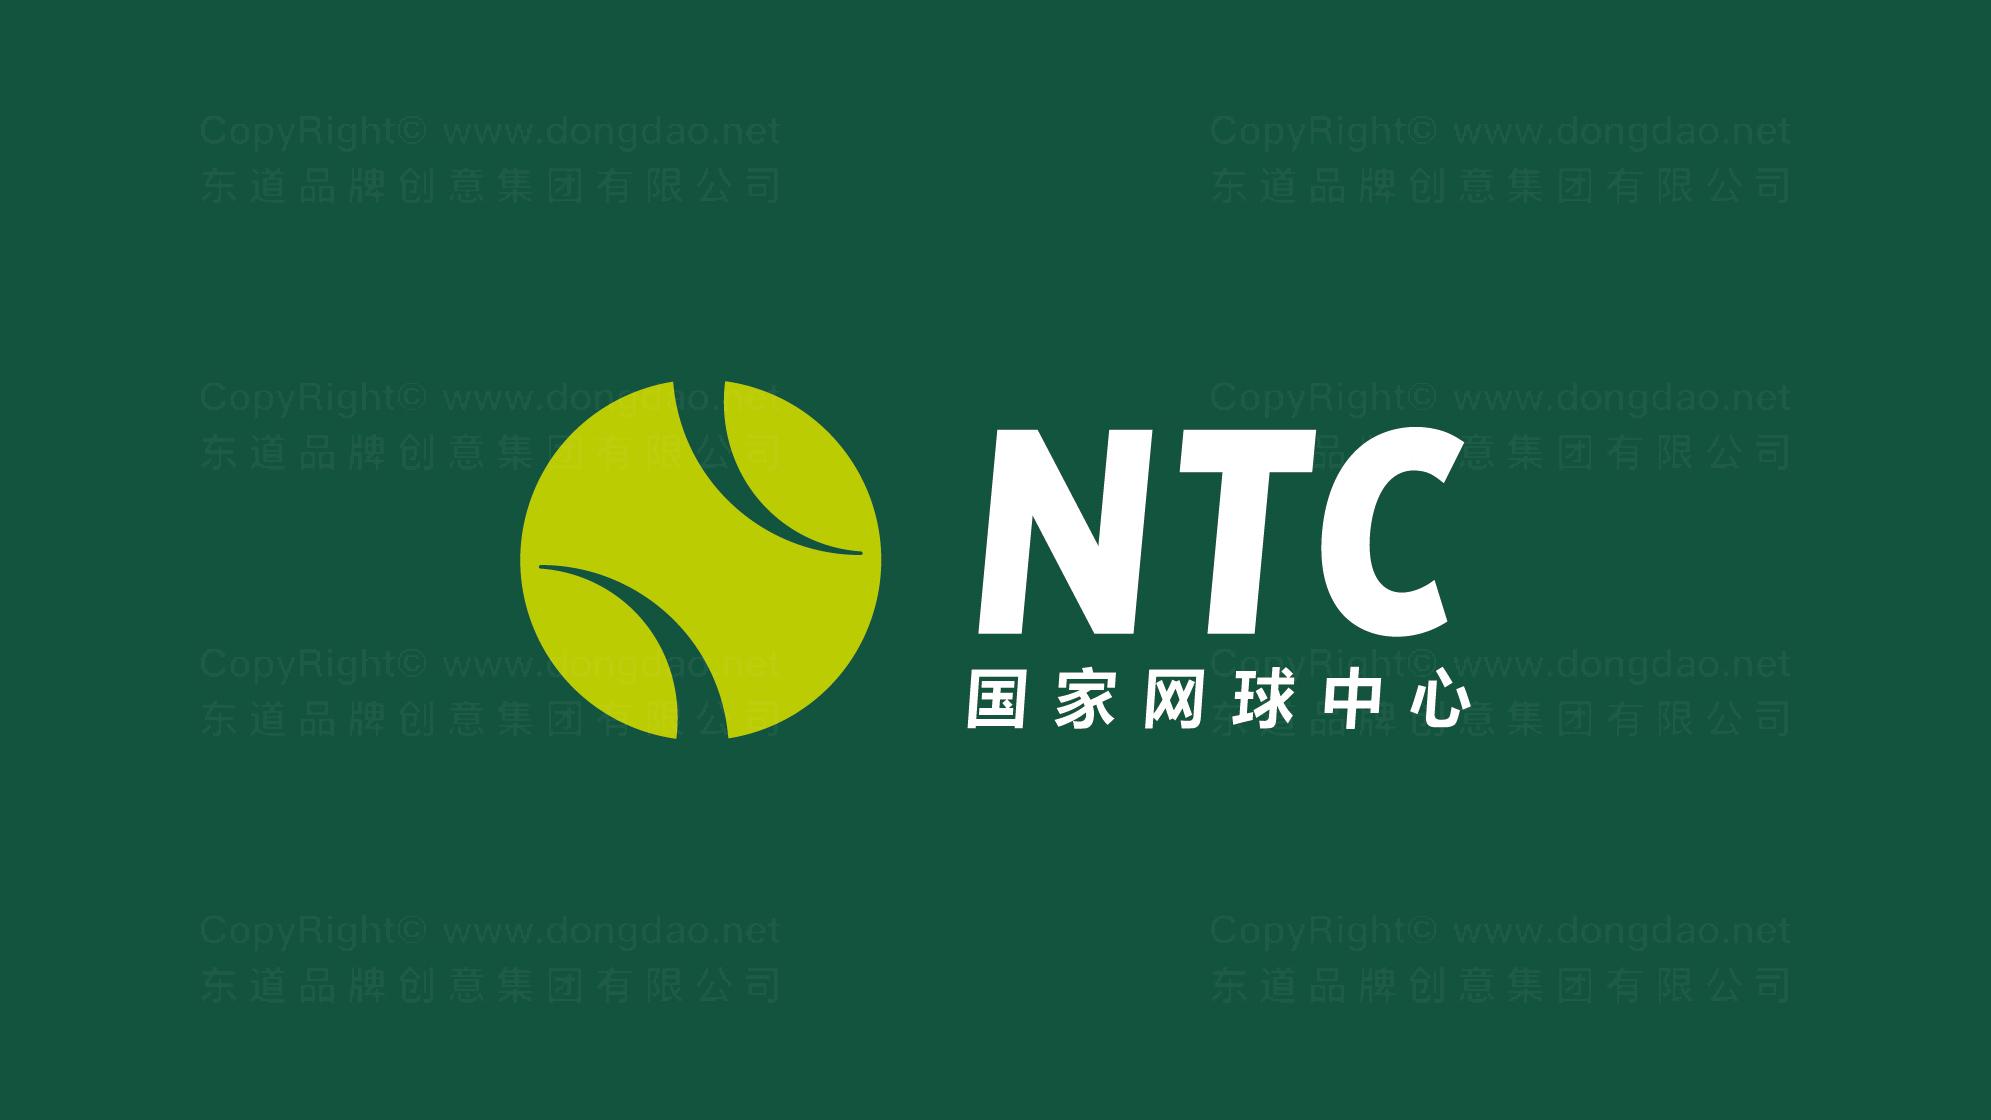 品牌设计案例国家网球中心标志设计